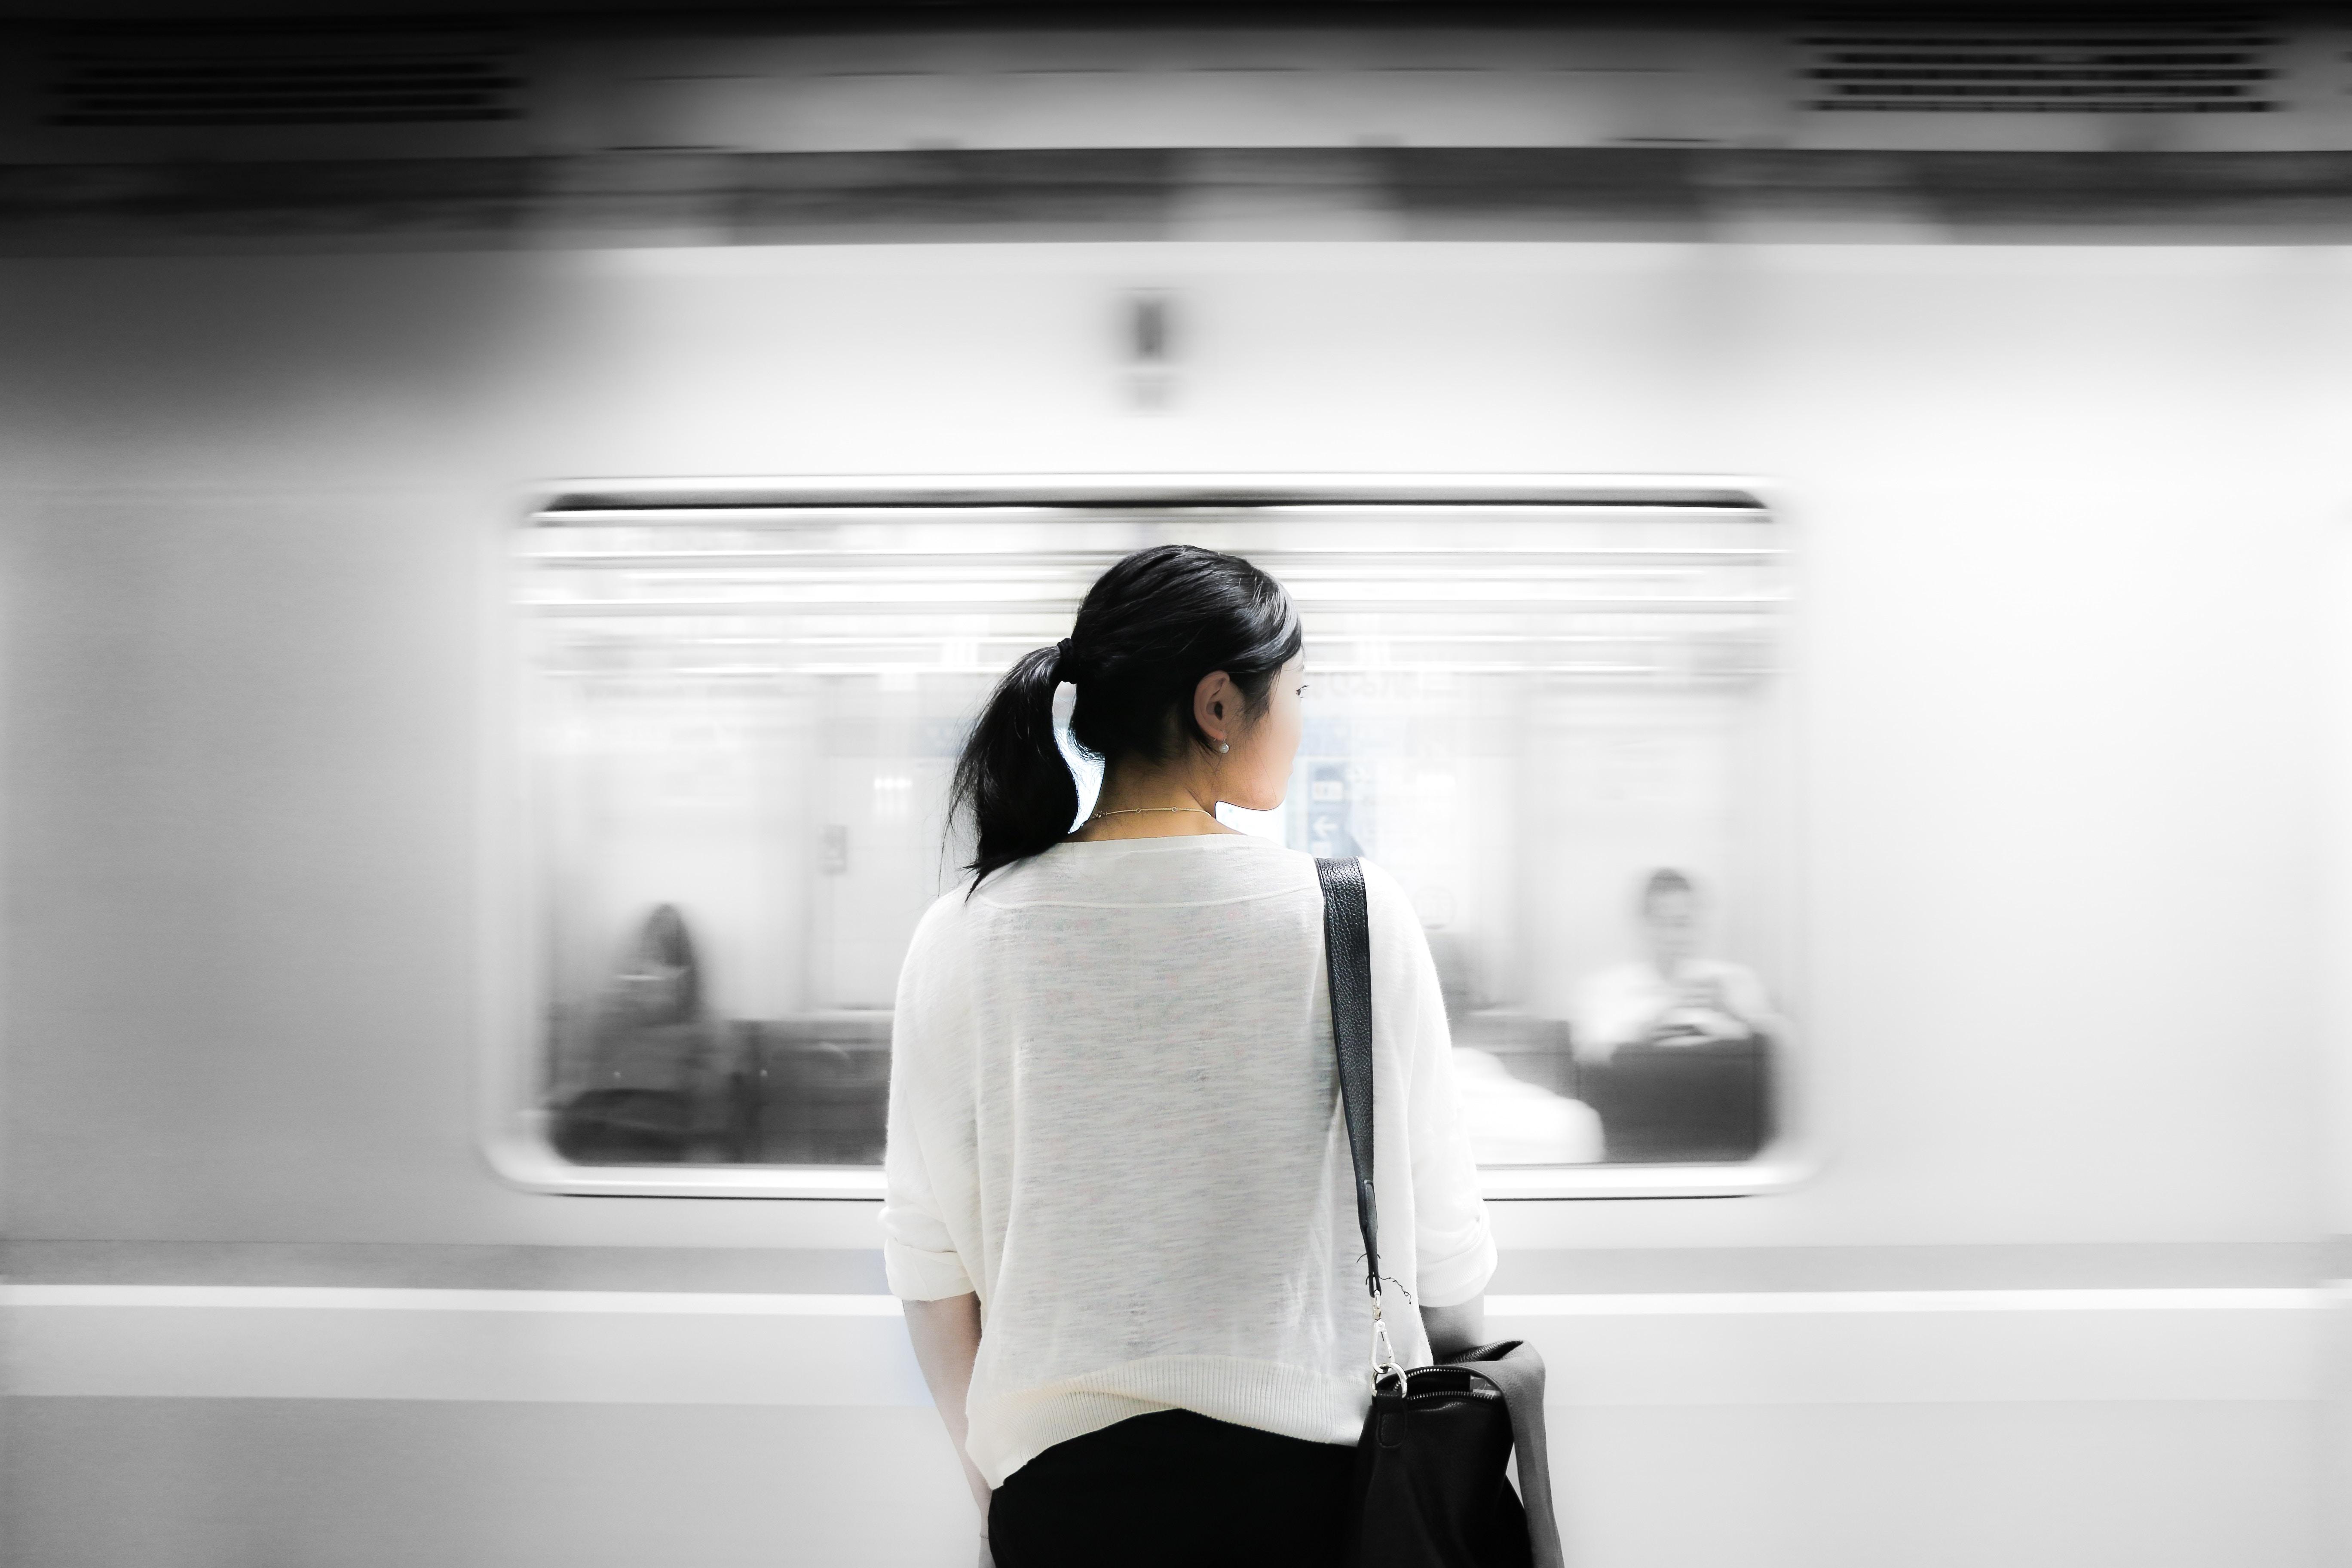 Vorteile und nachteile von online dating